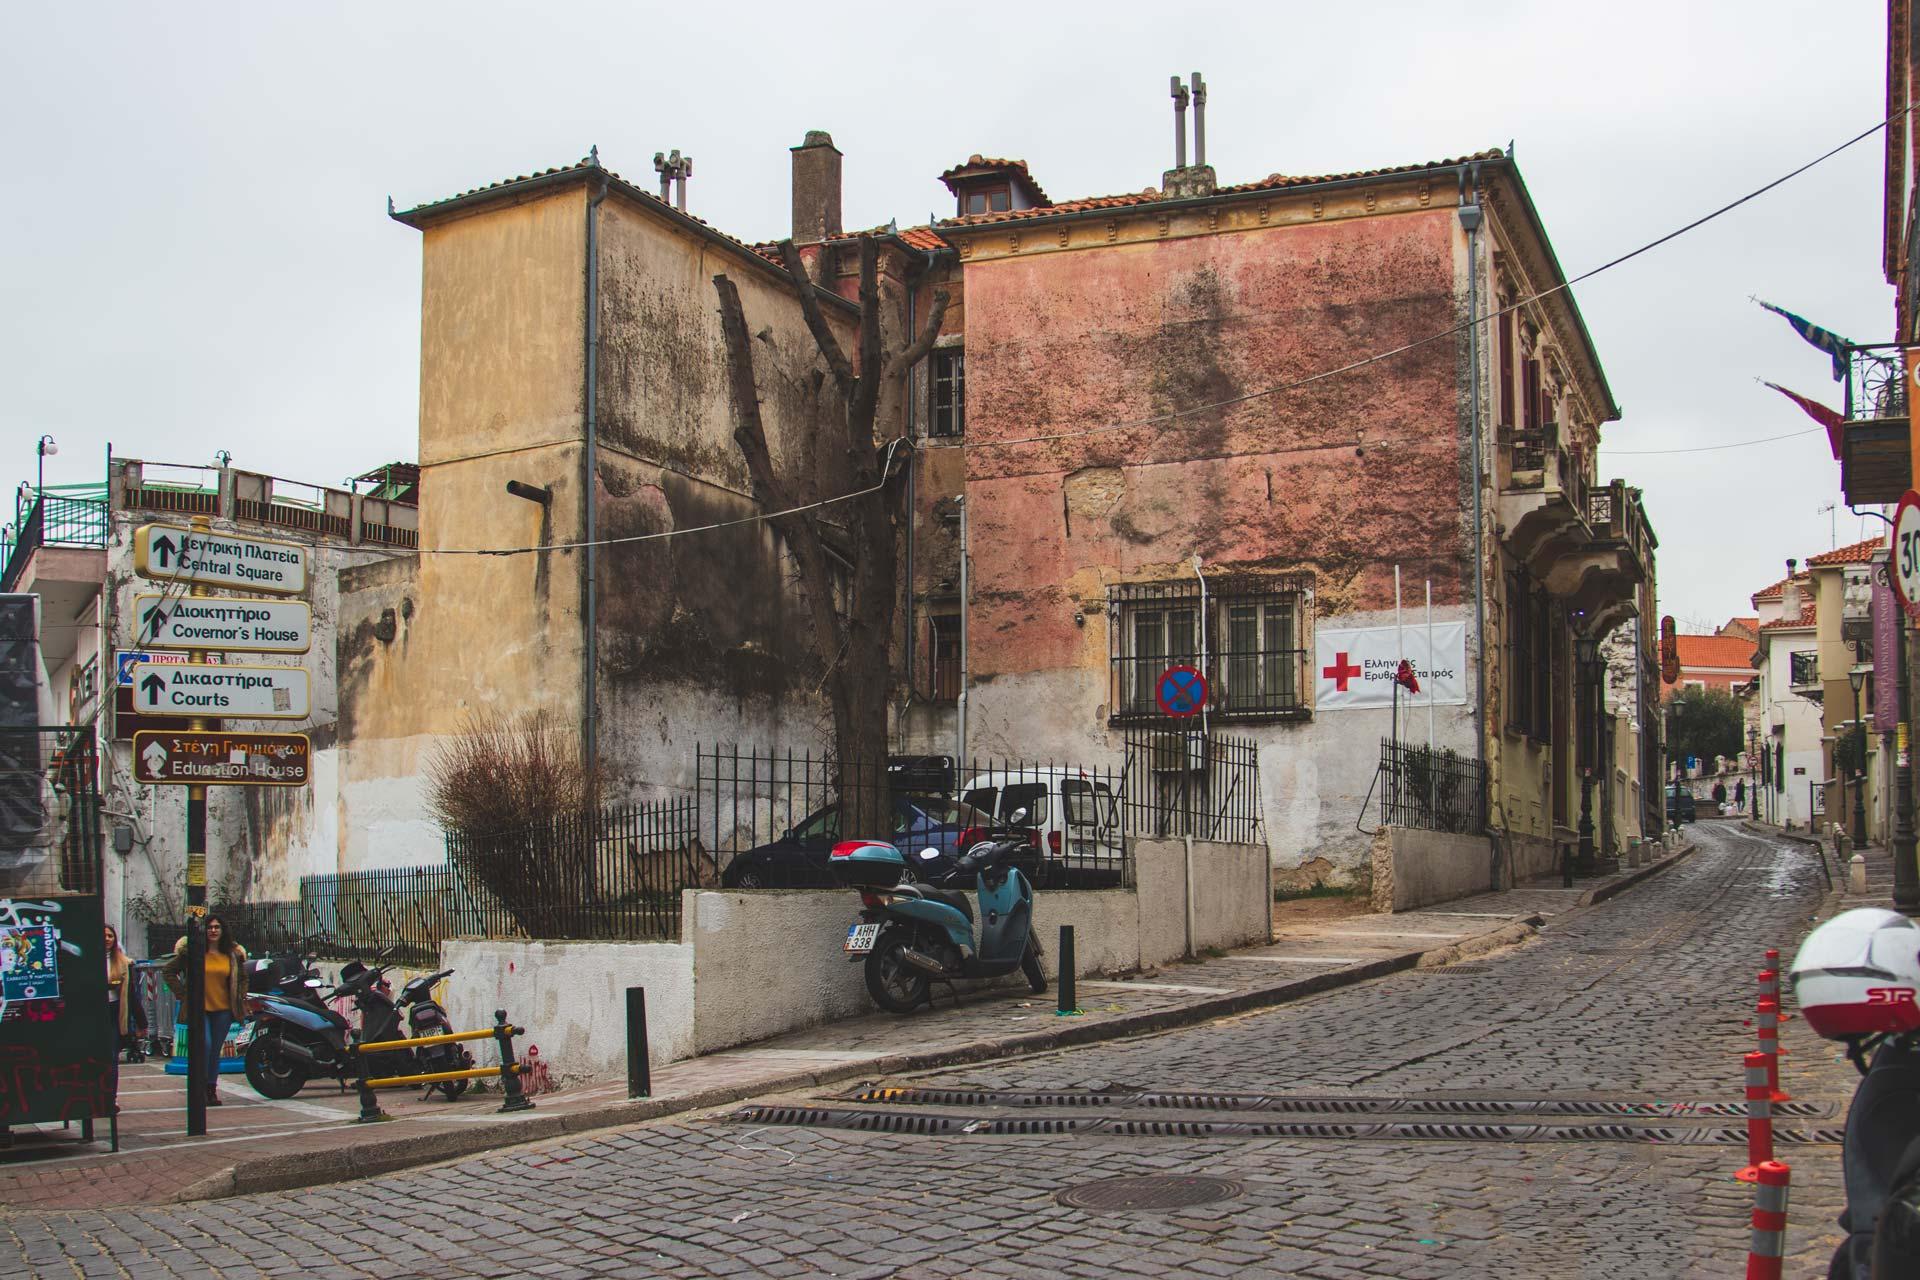 İskeçe Gezilecek Yerler Yunanistan Gezi Gezi Rehberi İskeçe Fotoğrafları İskeçe Resimleri Çekergezer Hakan Aydın Fotoğrafları Gezgin Fotoğrafçı